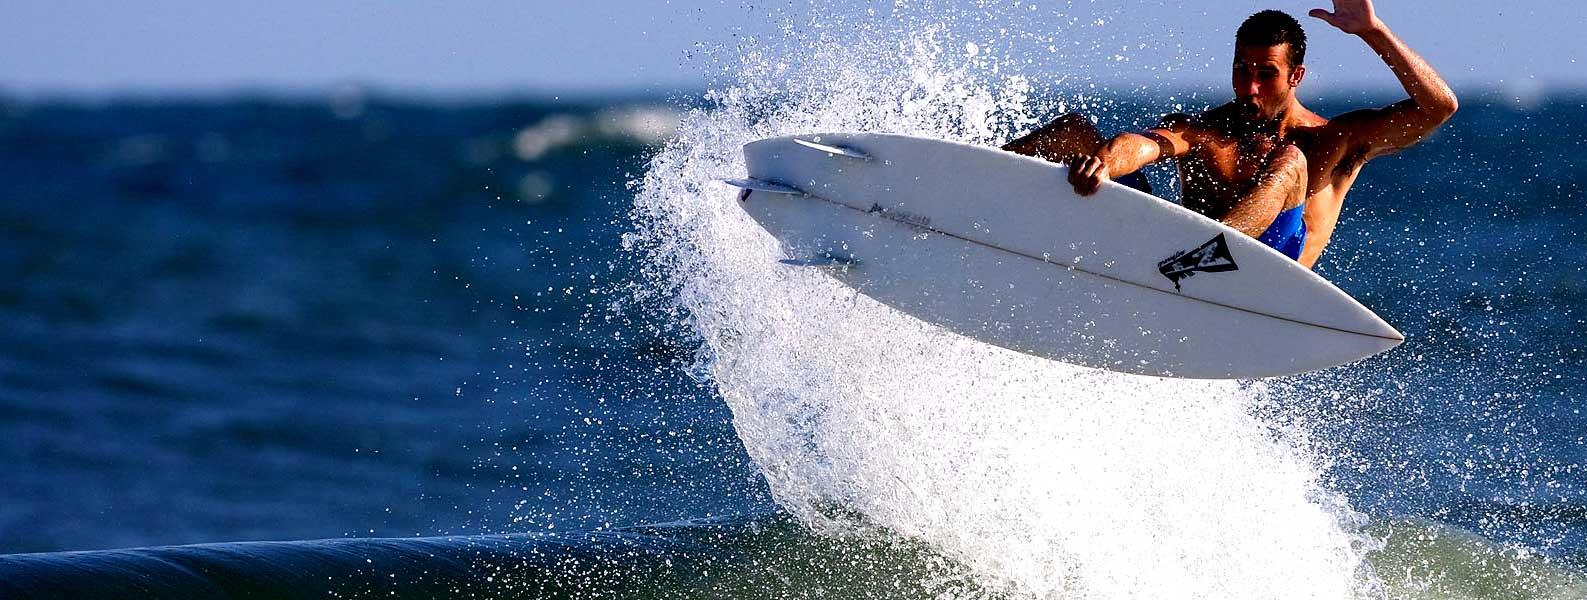 Learn Surfboarding